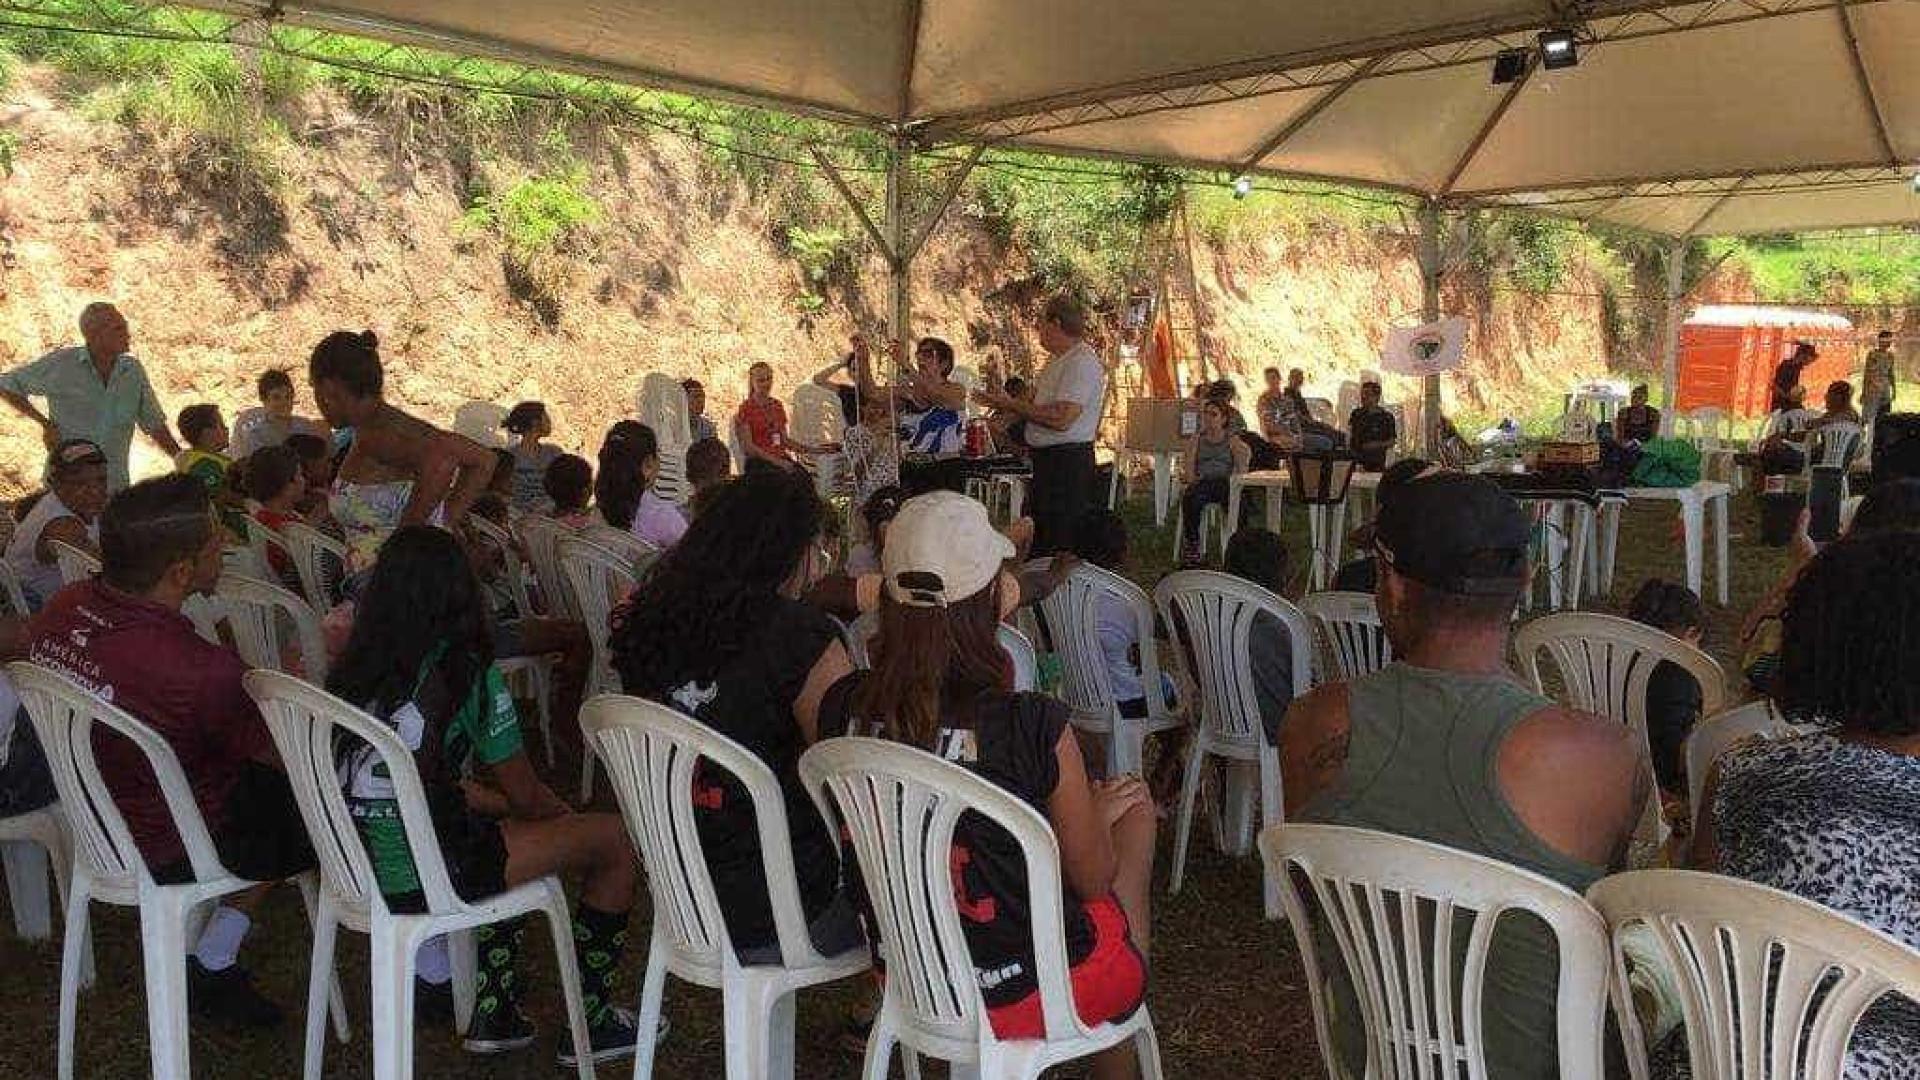 Em reunião tensa, Vale não atende pedidos de moradores de Brumadinho